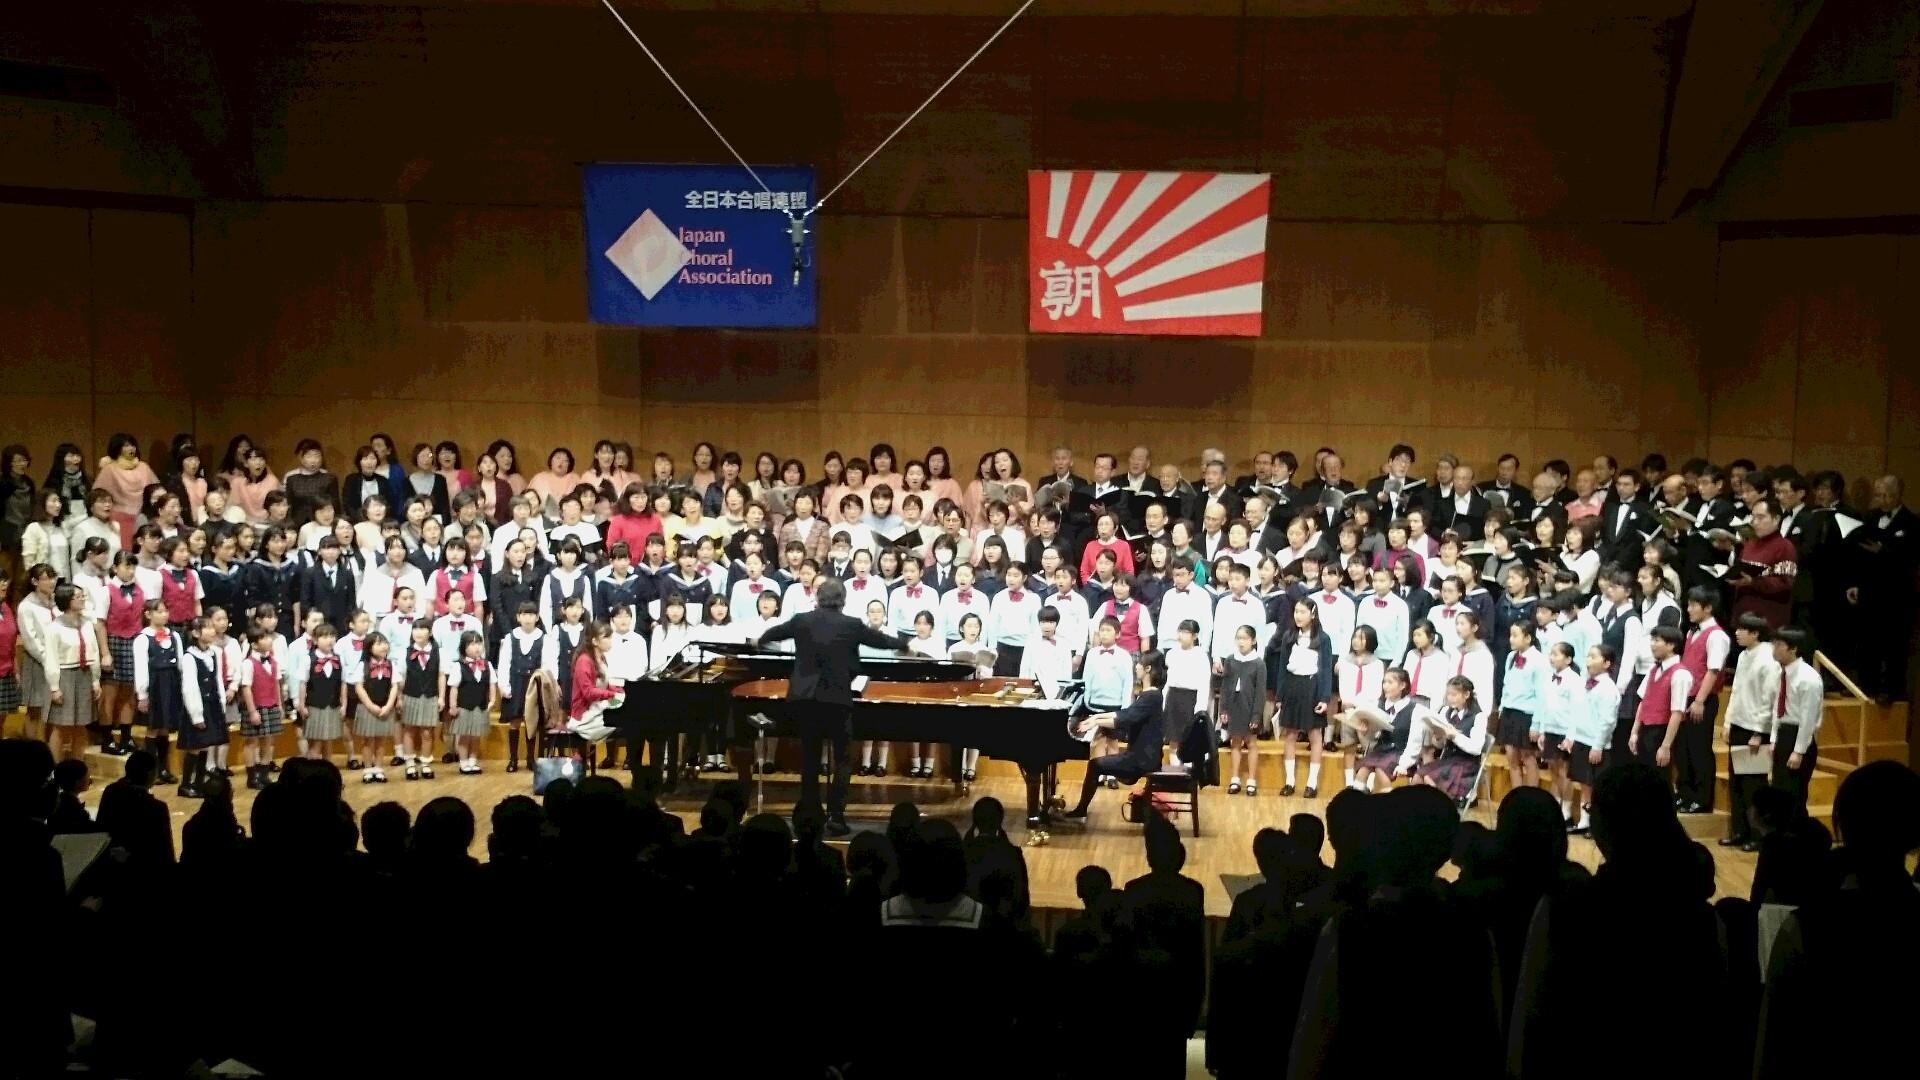 県立音楽堂でジュニア合同演奏